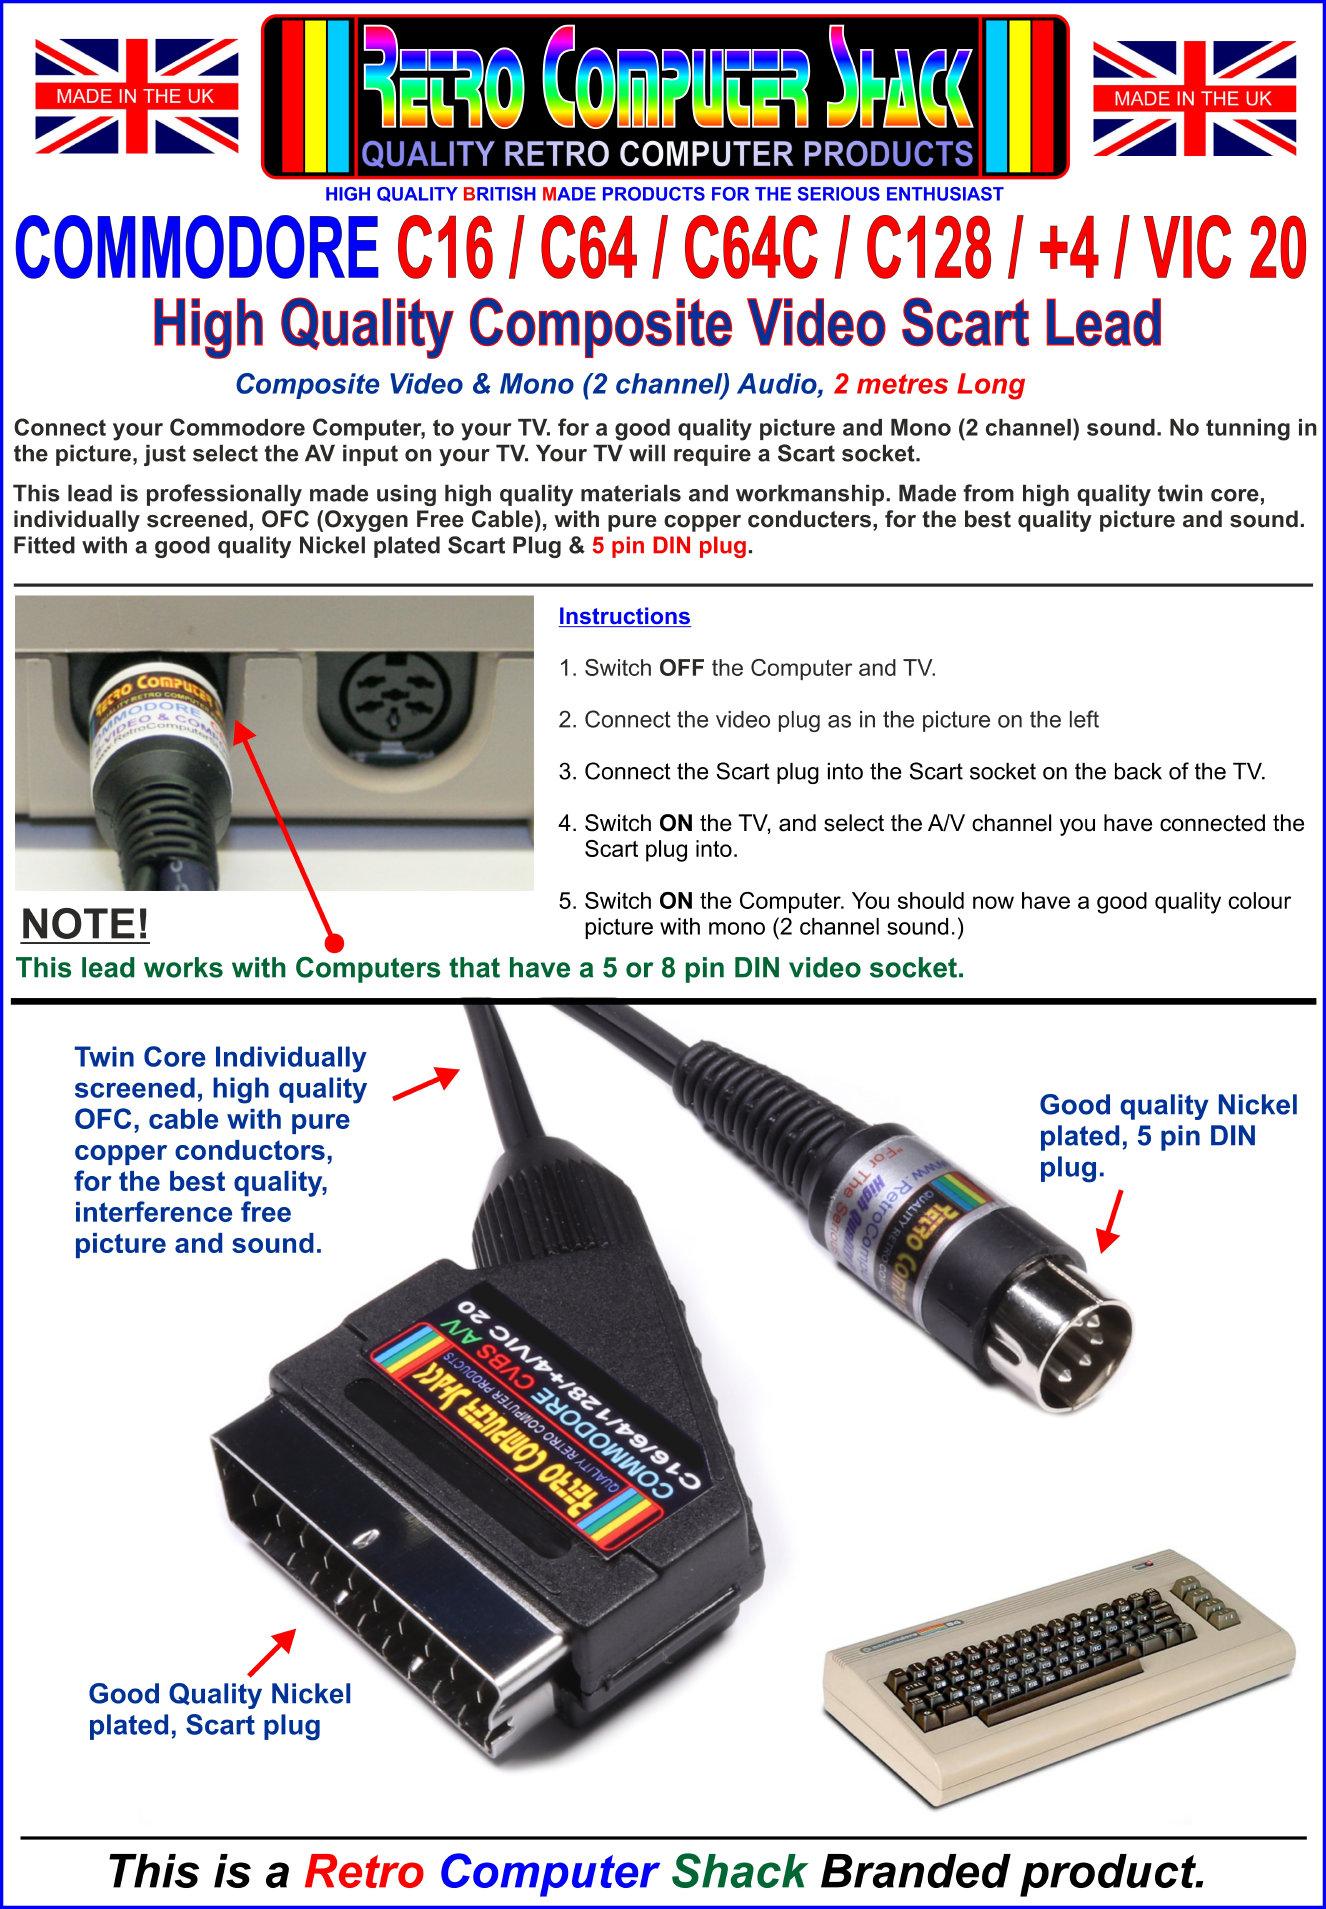 https://www.retrocomputershack.com/SCART-DESIGNS/C64-Scart/c64-scart001002.jpg